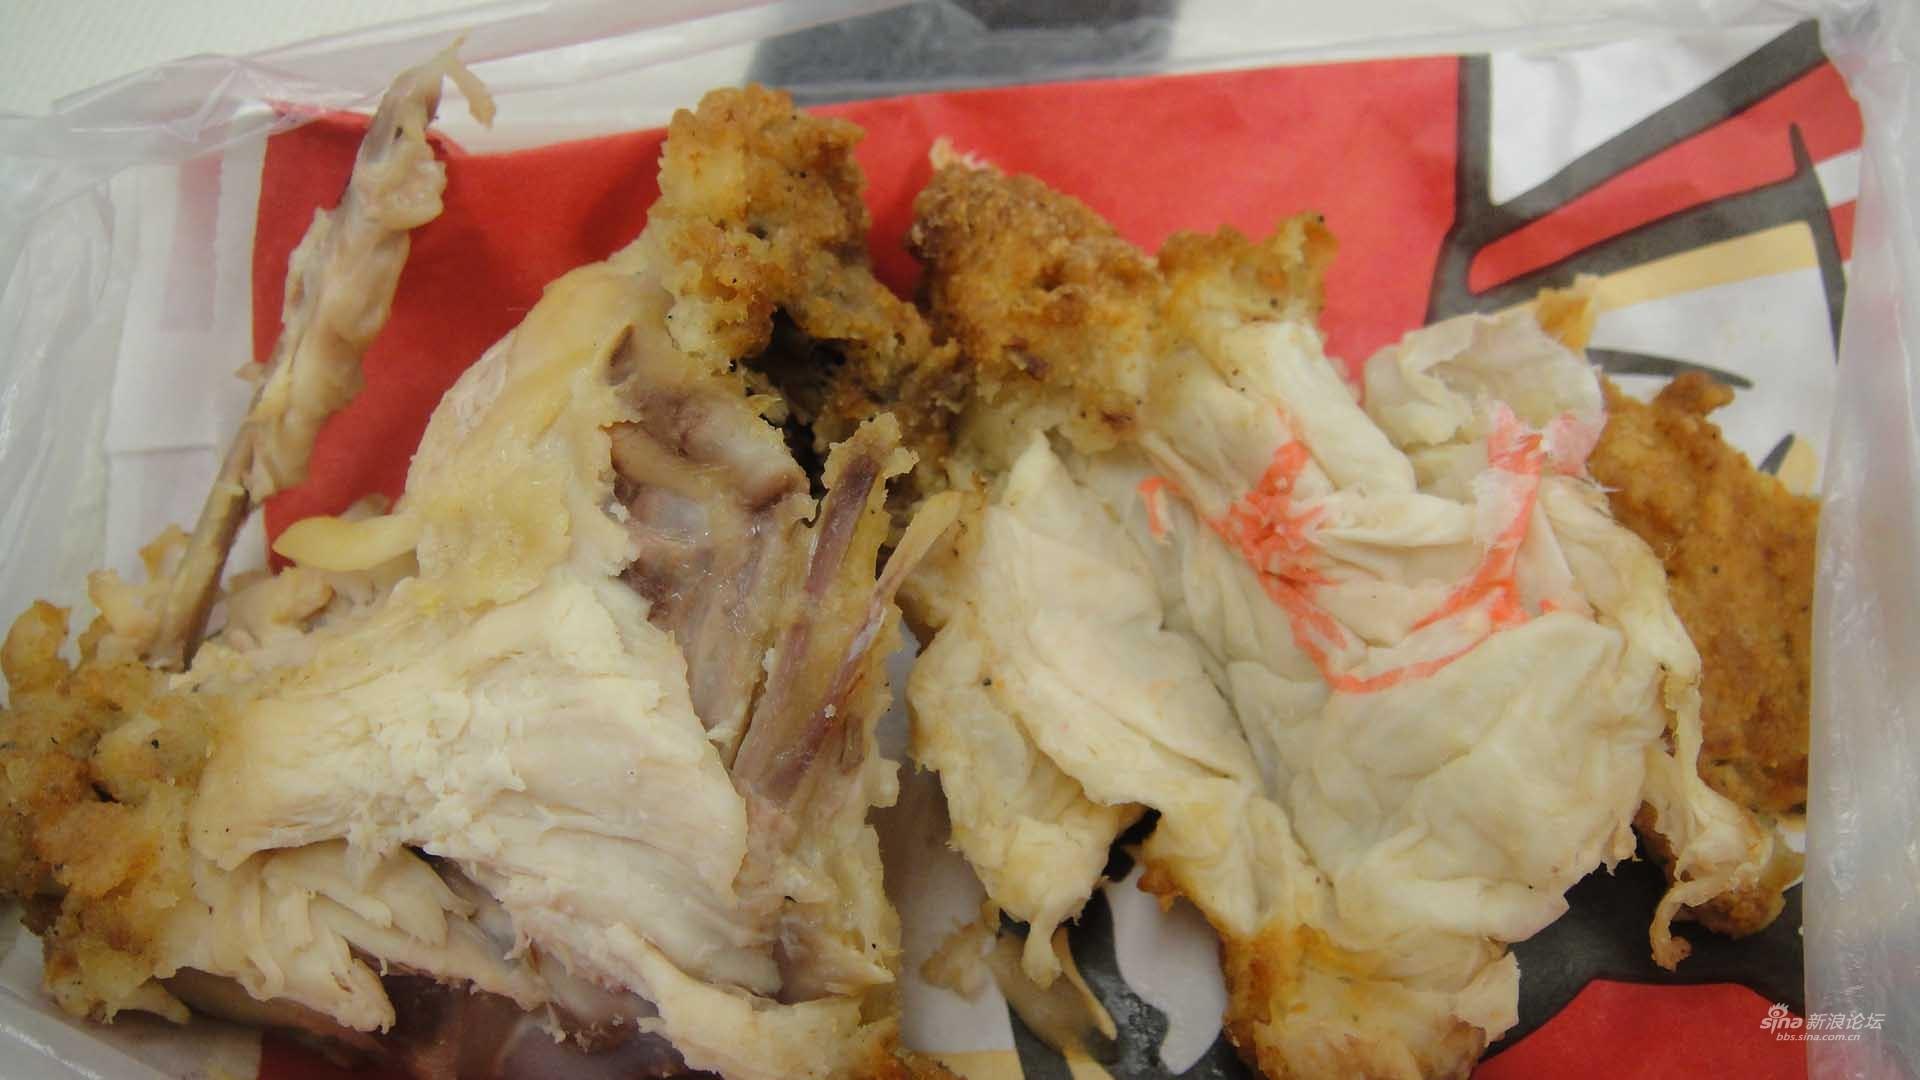 肯德基原味鸡块既然能吃出带肯德基标志的纸巾图片